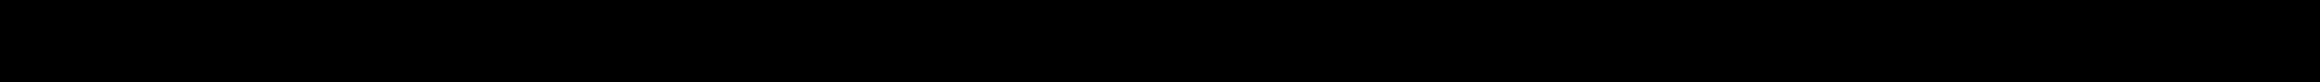 RIDEX 1N4402H, 25184029, 96389188, 96818899, 1109 38 Ölfilter